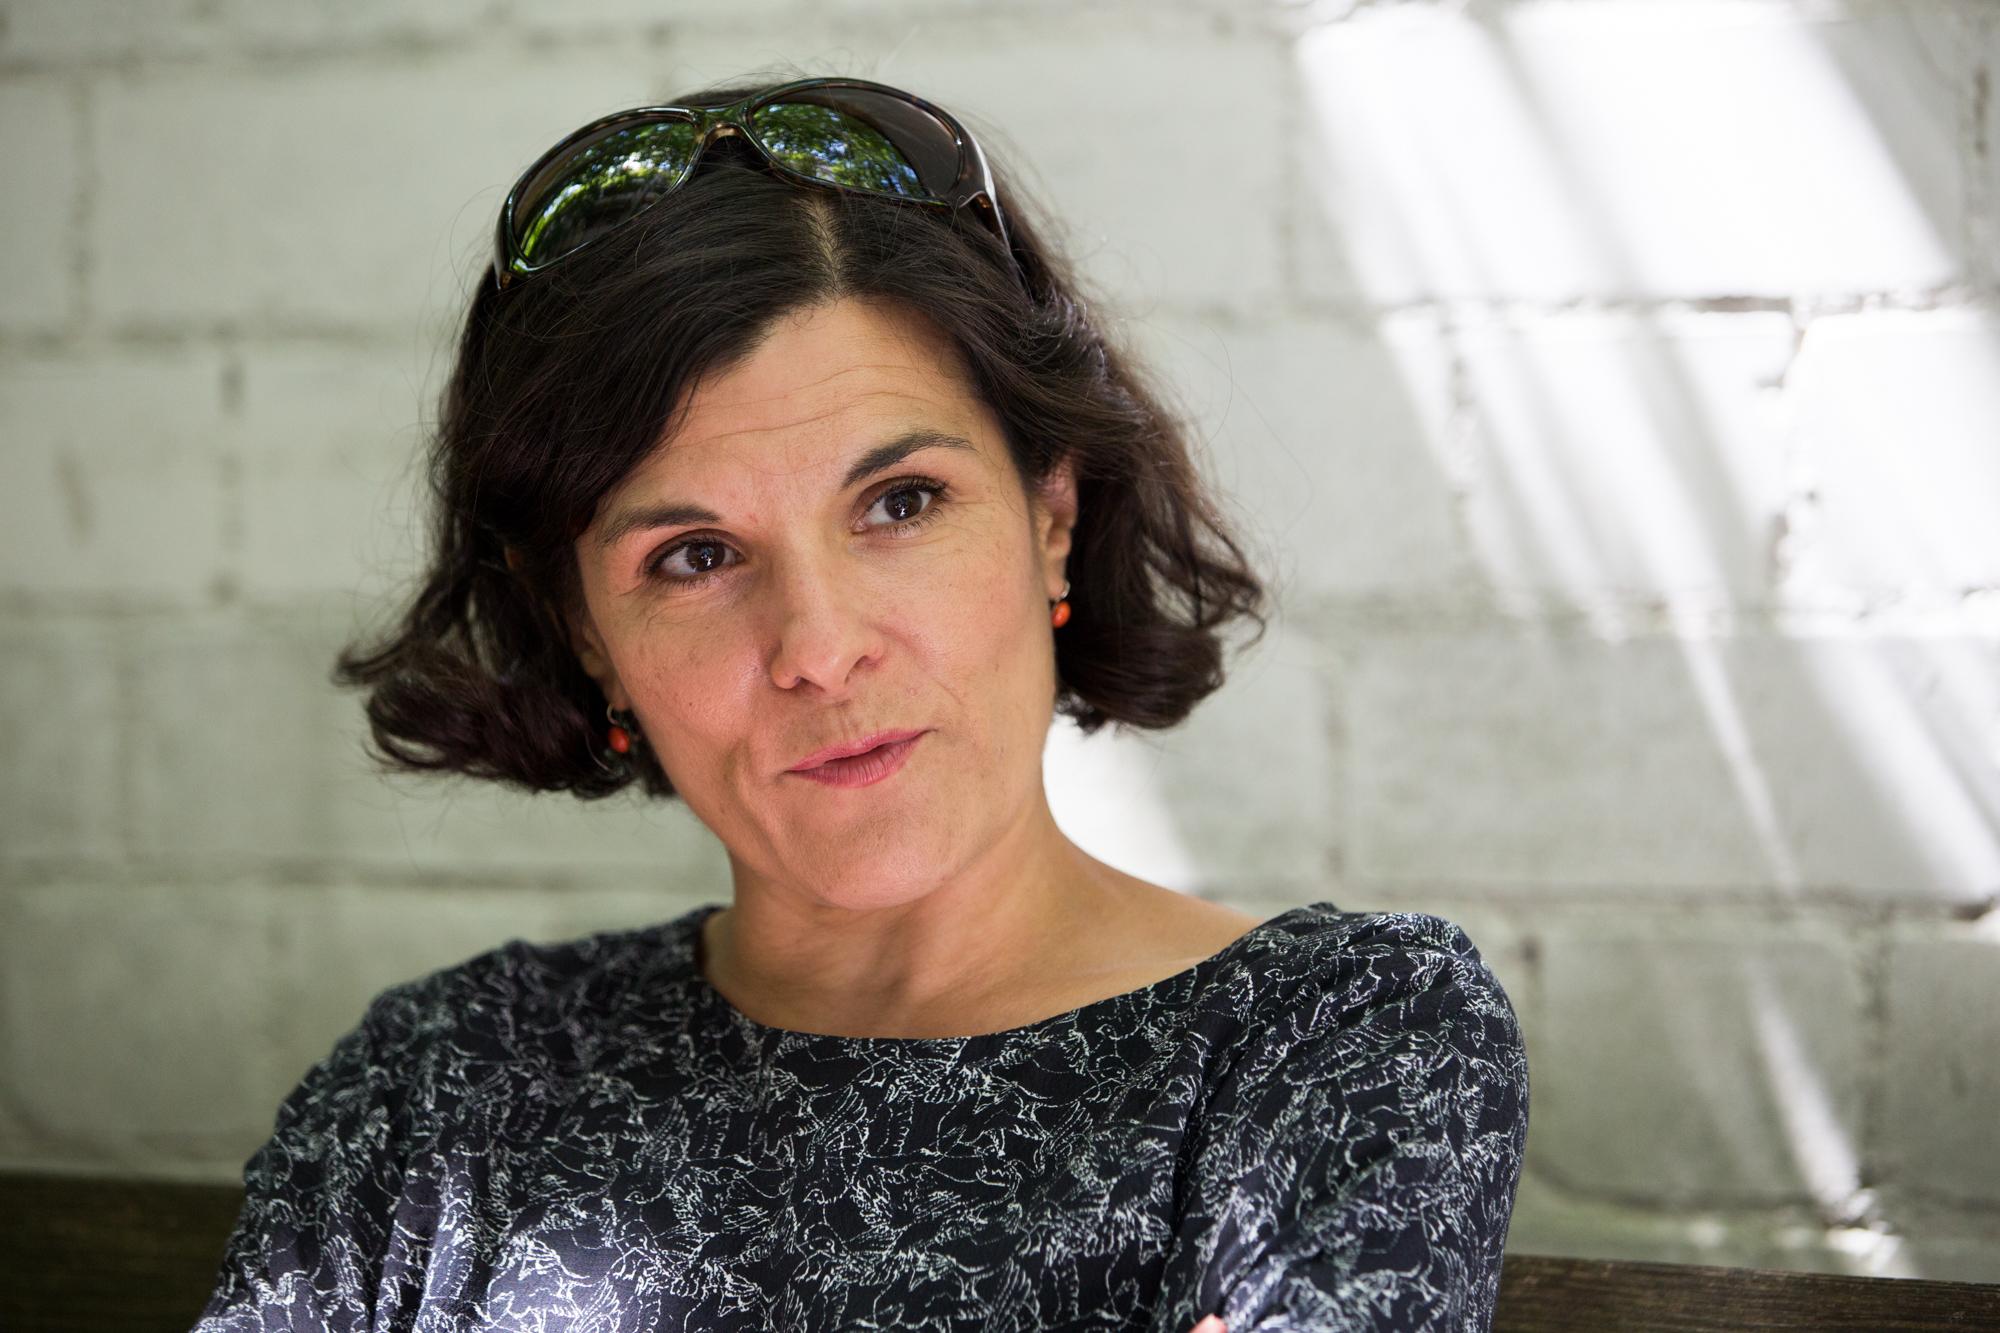 Inés Mateos lebt seit 20 Jahren am Burgweg. Sie gehört zum harten Kern der Mieter, die gegen die Kündigung ankämpfen.